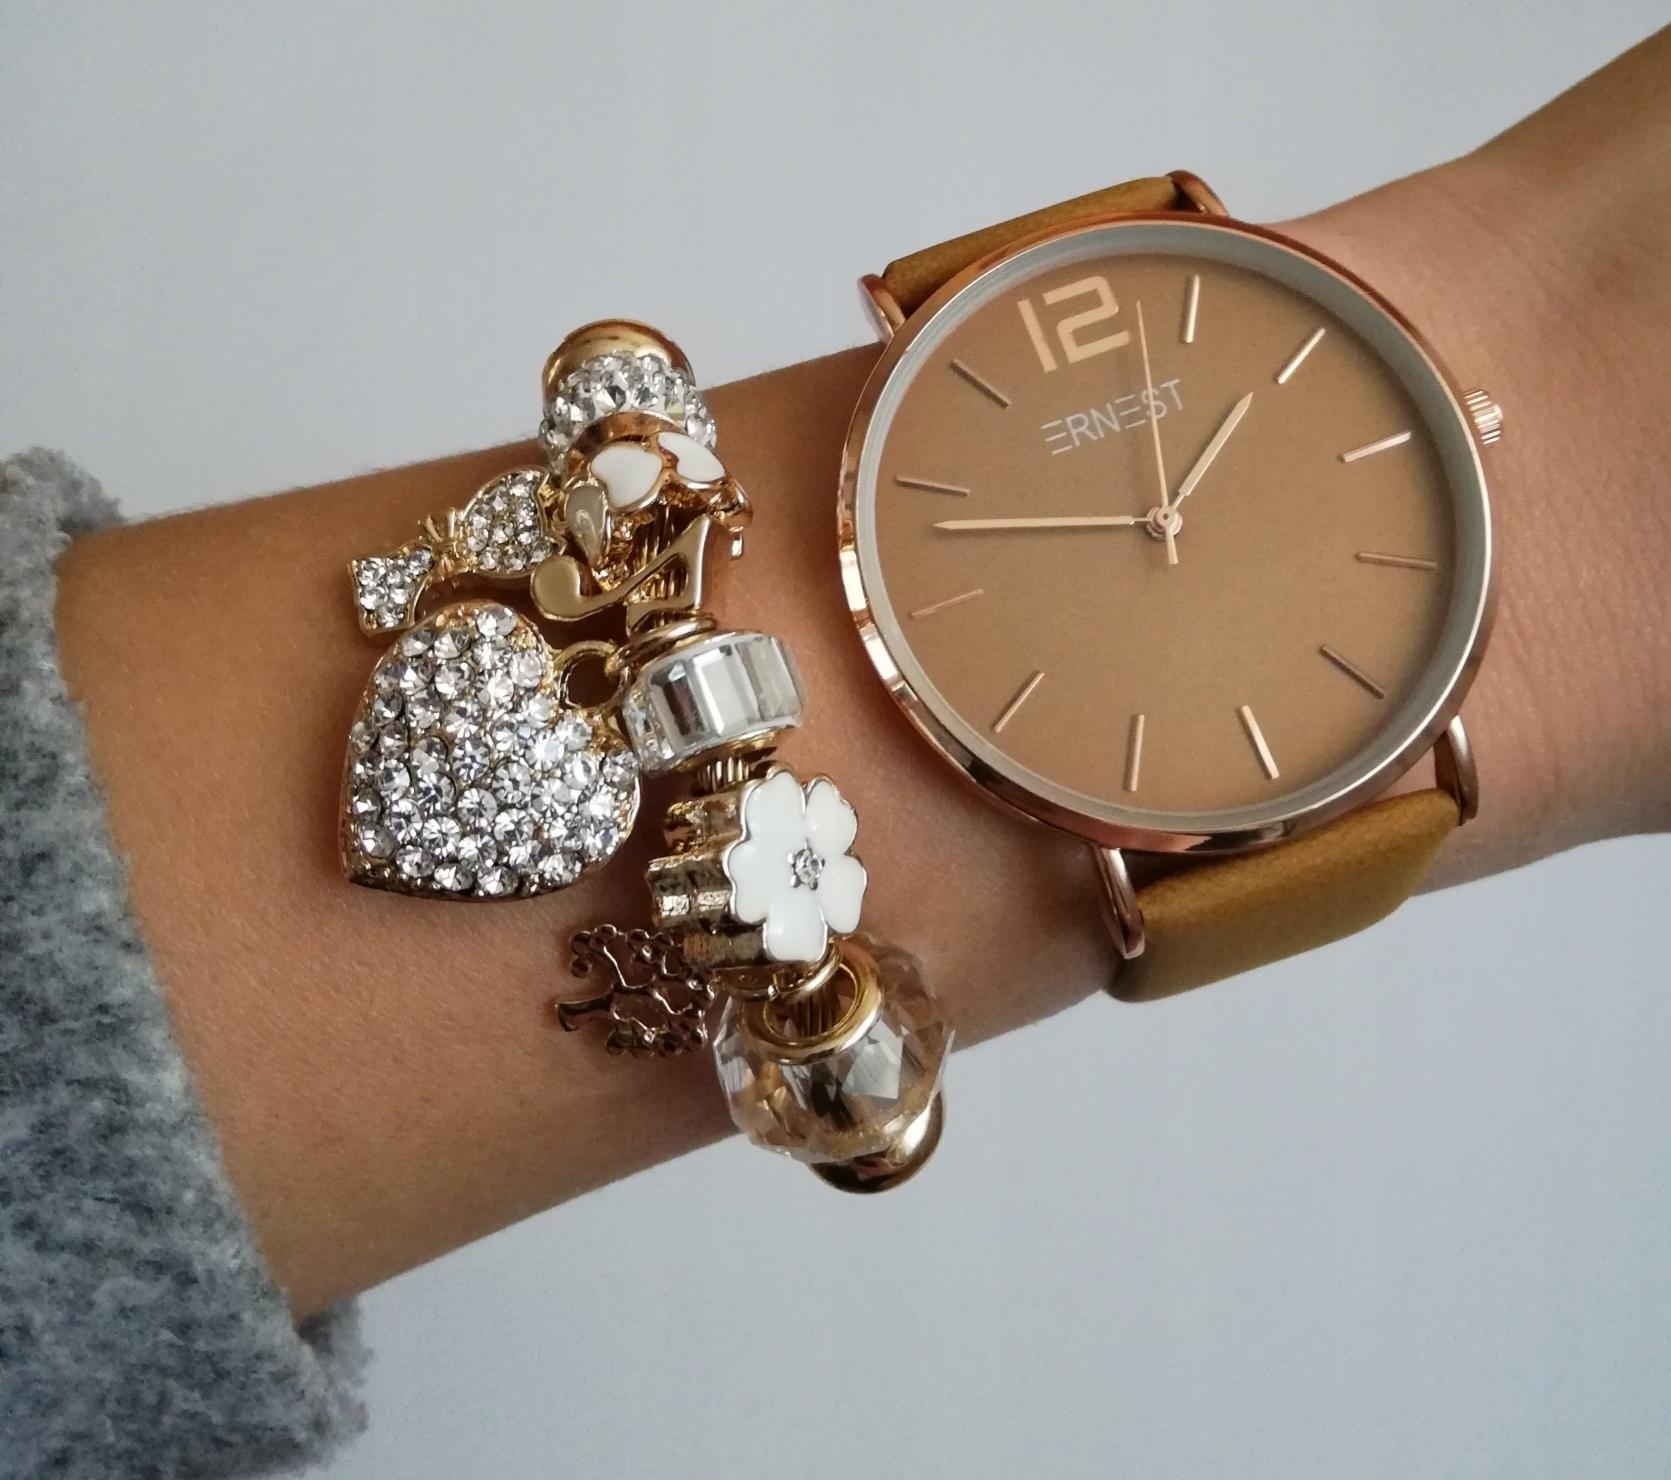 29b0920640551f Klasyczny zegarek damski Ernest musztardowy ciemny - 7679376757 ...